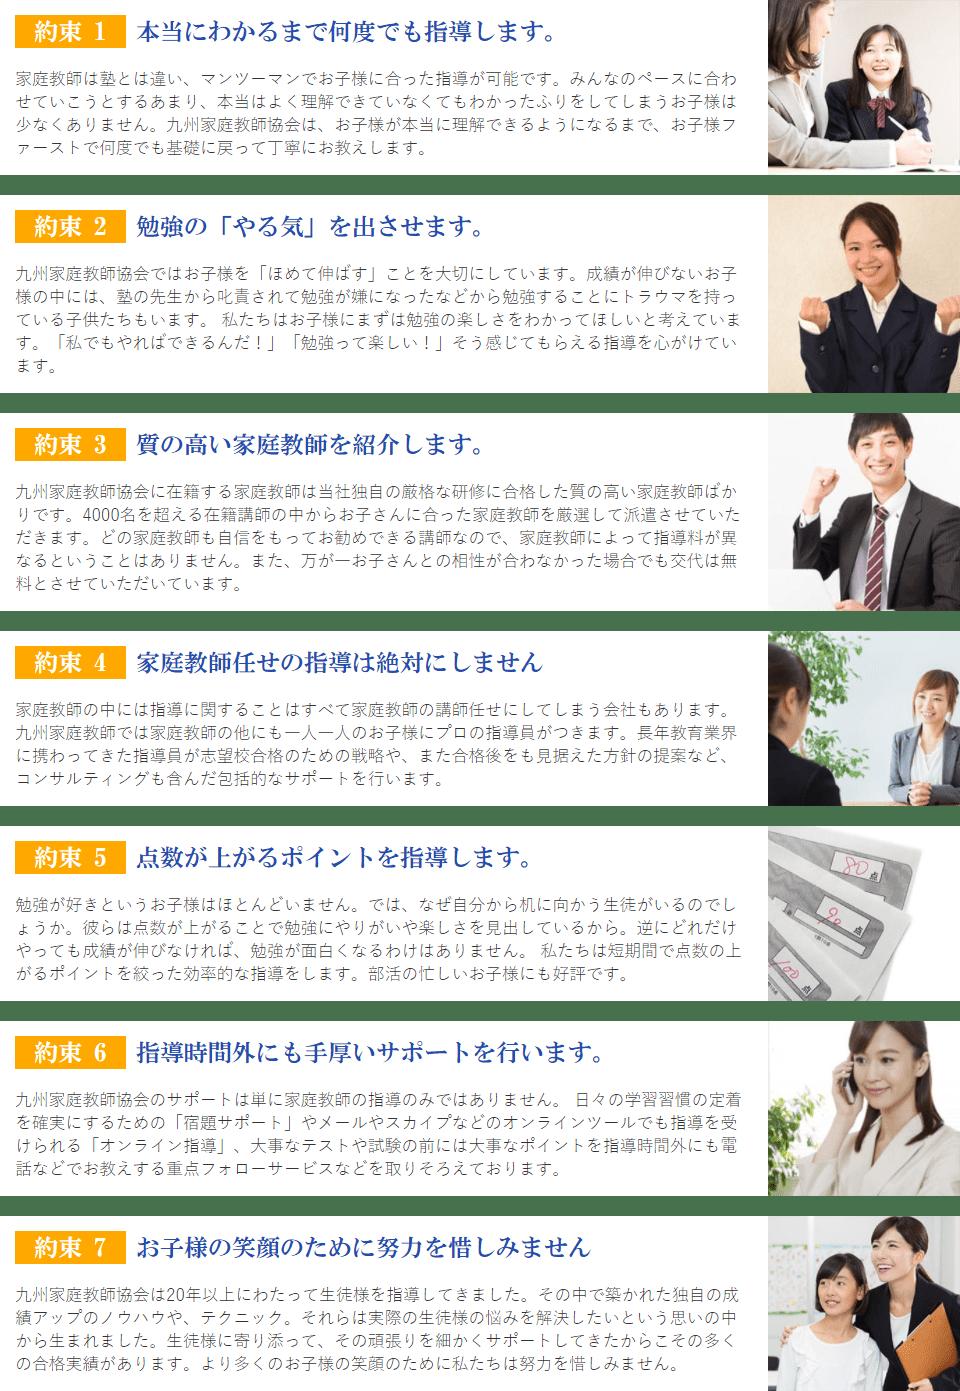 九州家庭教師協会が太宰府市で選ばれ続けている理由